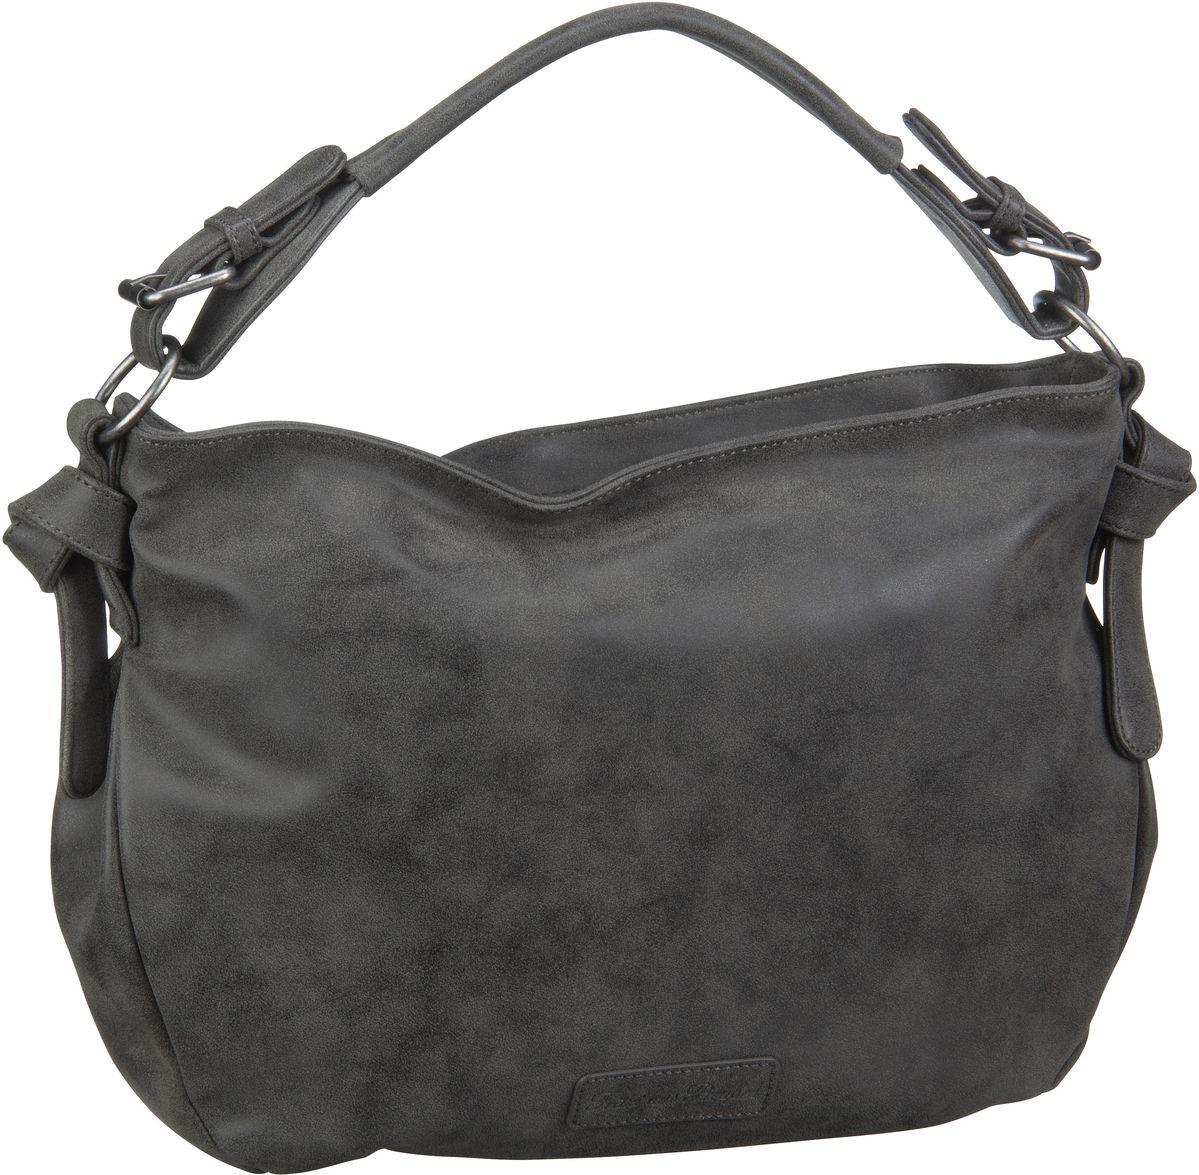 Fritzi aus Preußen Isa Vintage Black - Handtasche Sale Angebote Haasow